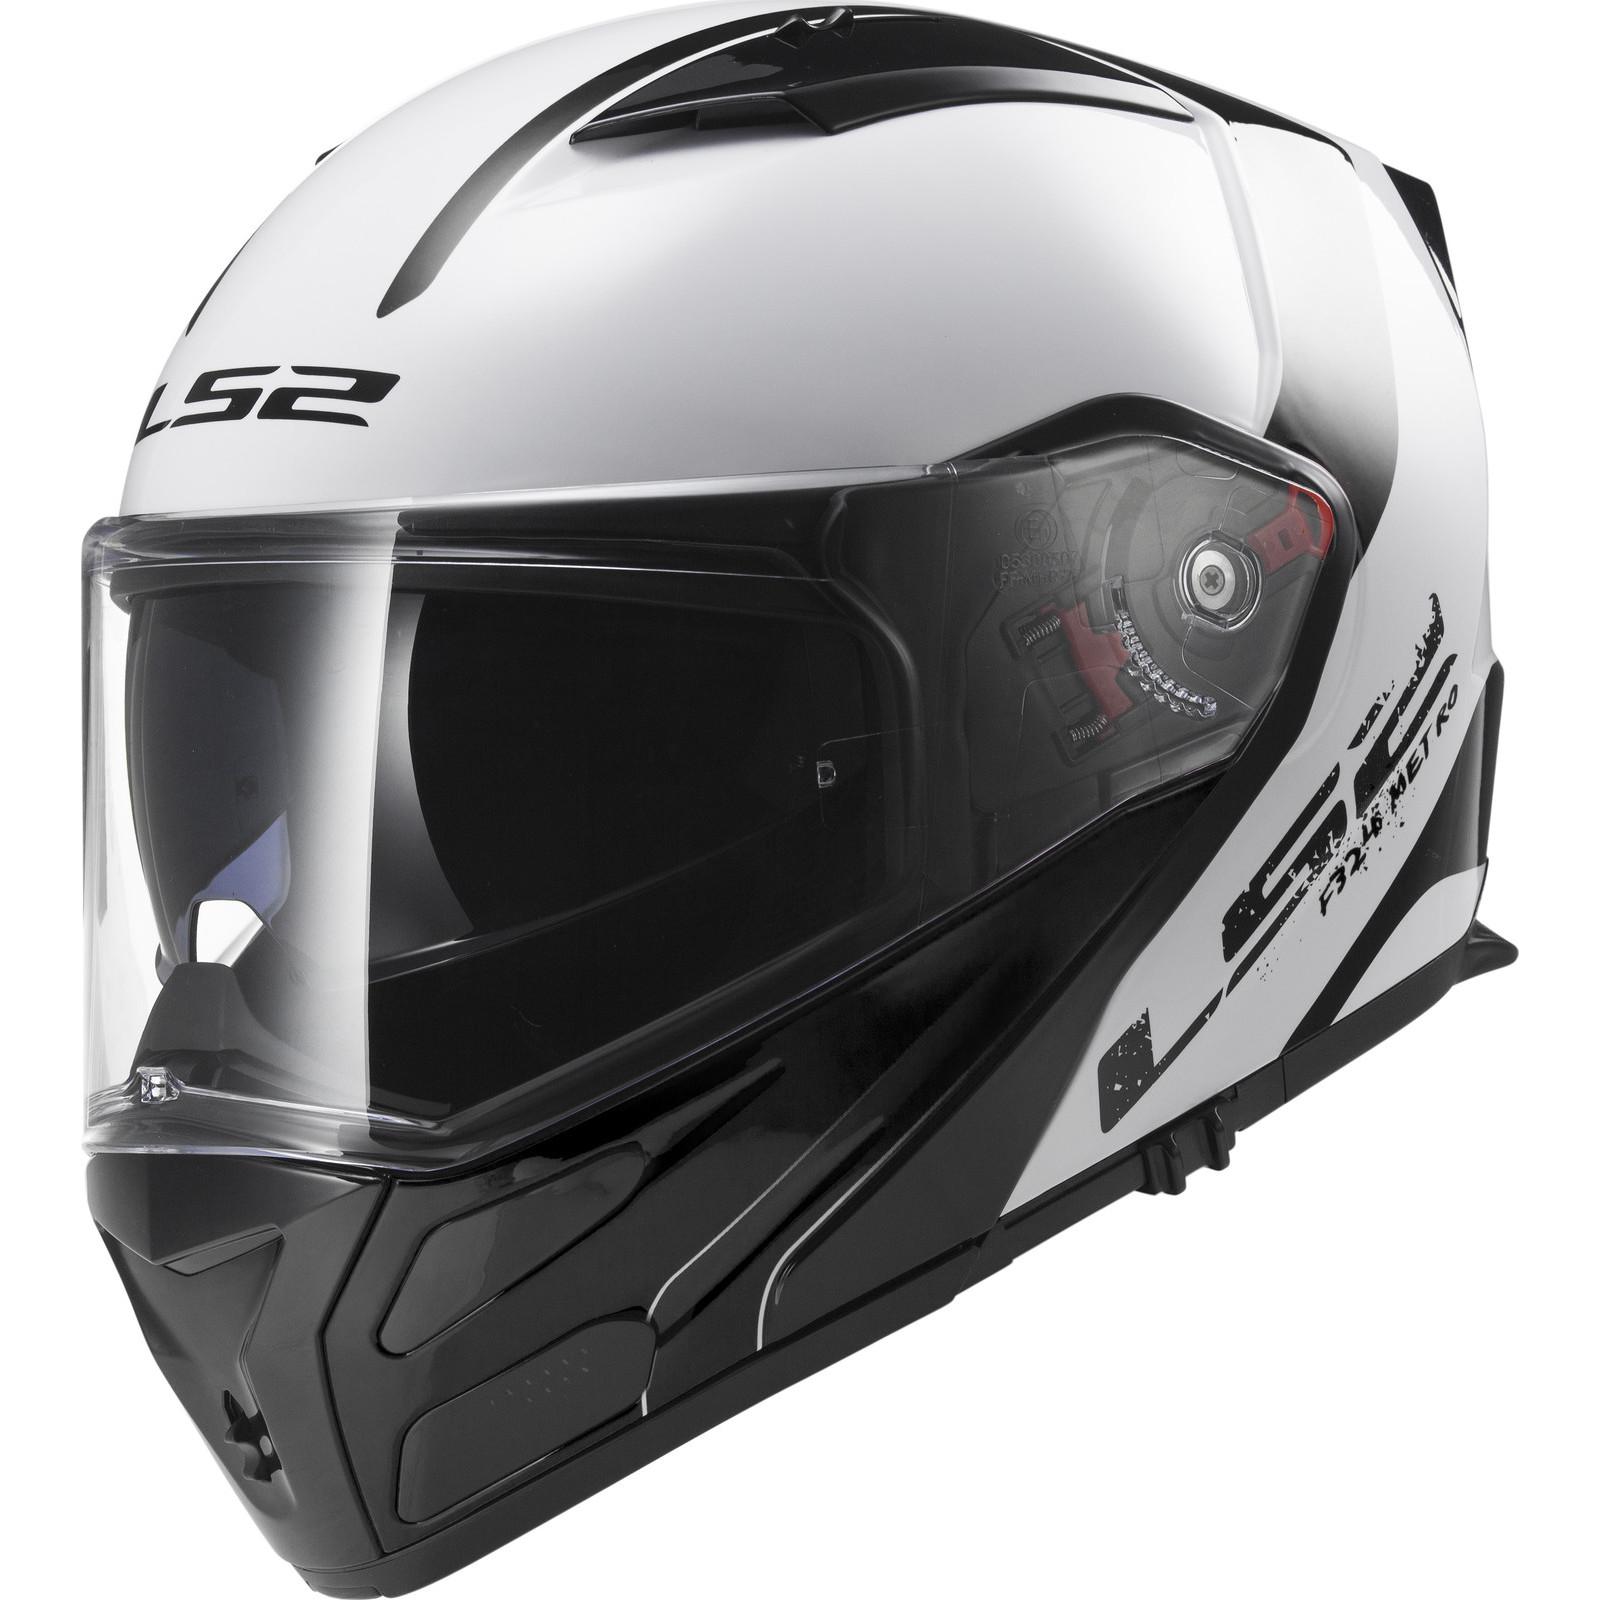 045494c7 LS2 FF324.21 Metro Rapid Flip Front Motorcycle Helmet & Visor Flip ...